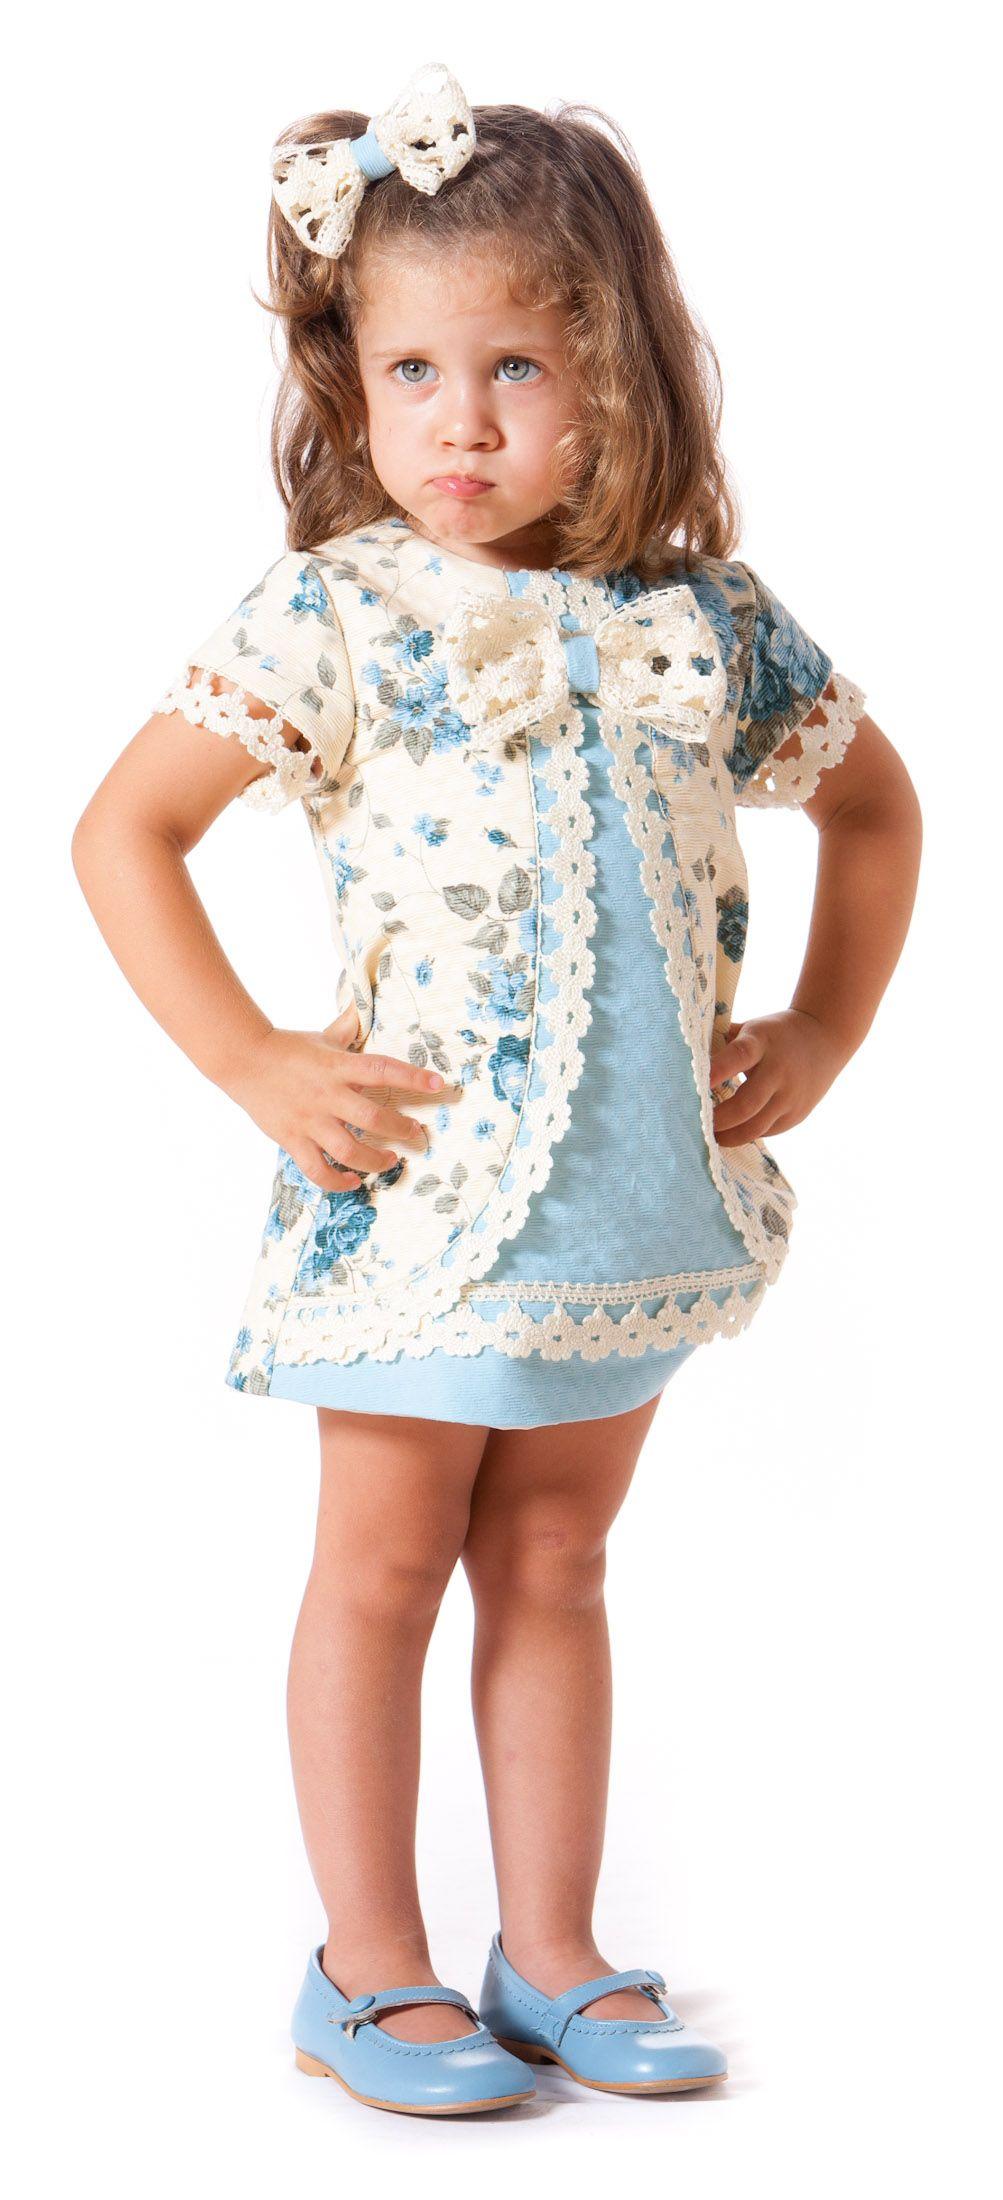 016a5b543 Vestidoo de niña paraisobebe.com ropa